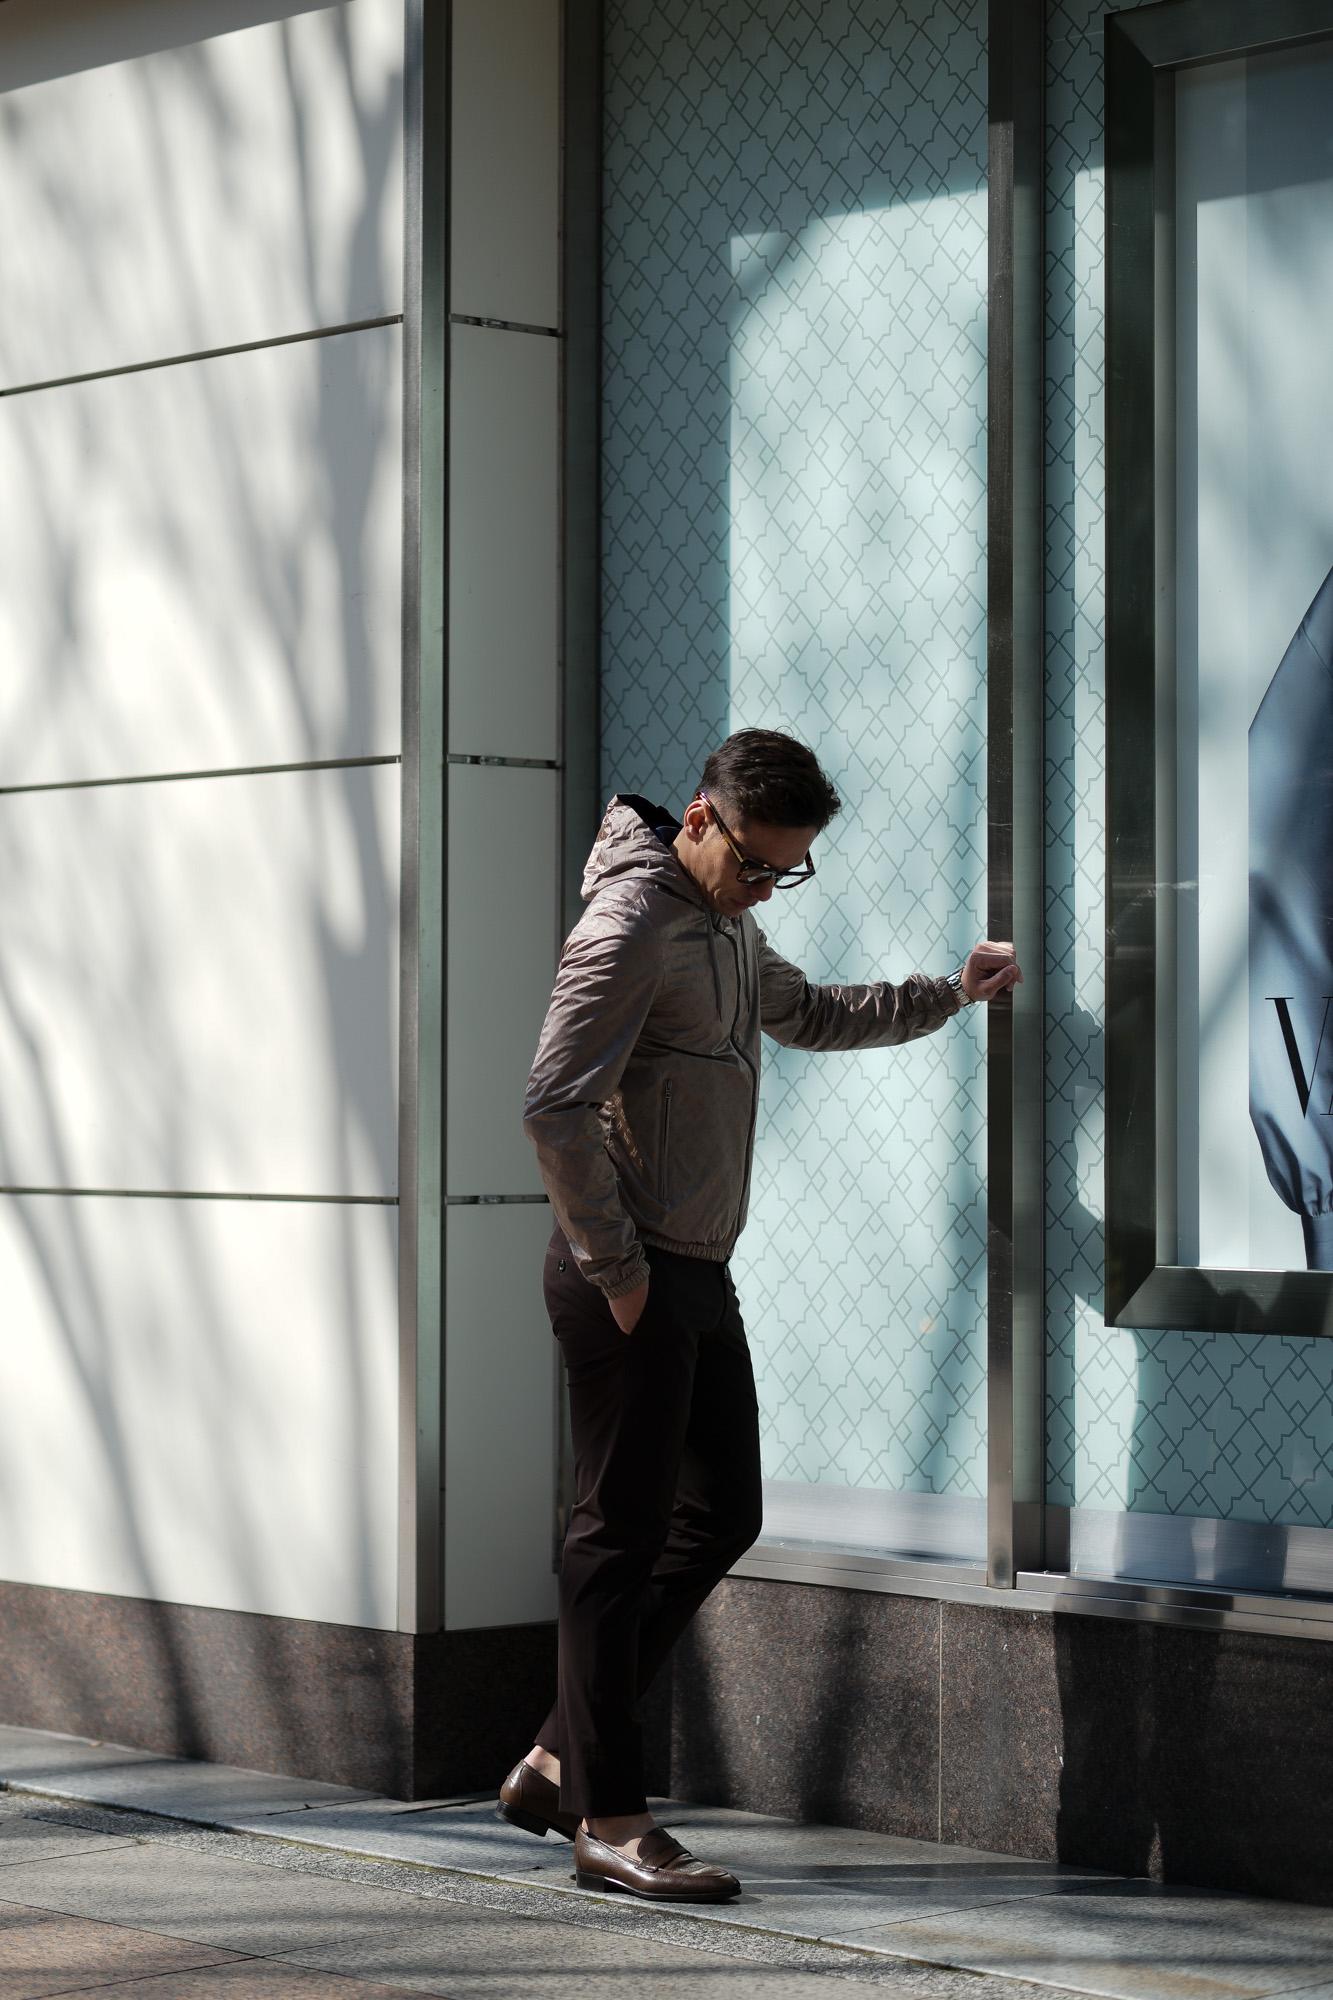 HERNO(ヘルノ) Monogram Jacket (モノグラム ジャケット) モノグラム × メッシュ リバーシブル ナイロン フードブルゾン BEIGE (ベージュ・2600) Made in italy (イタリア製) 2020 春夏新作 愛知 名古屋 altoediritto アルトエデリット